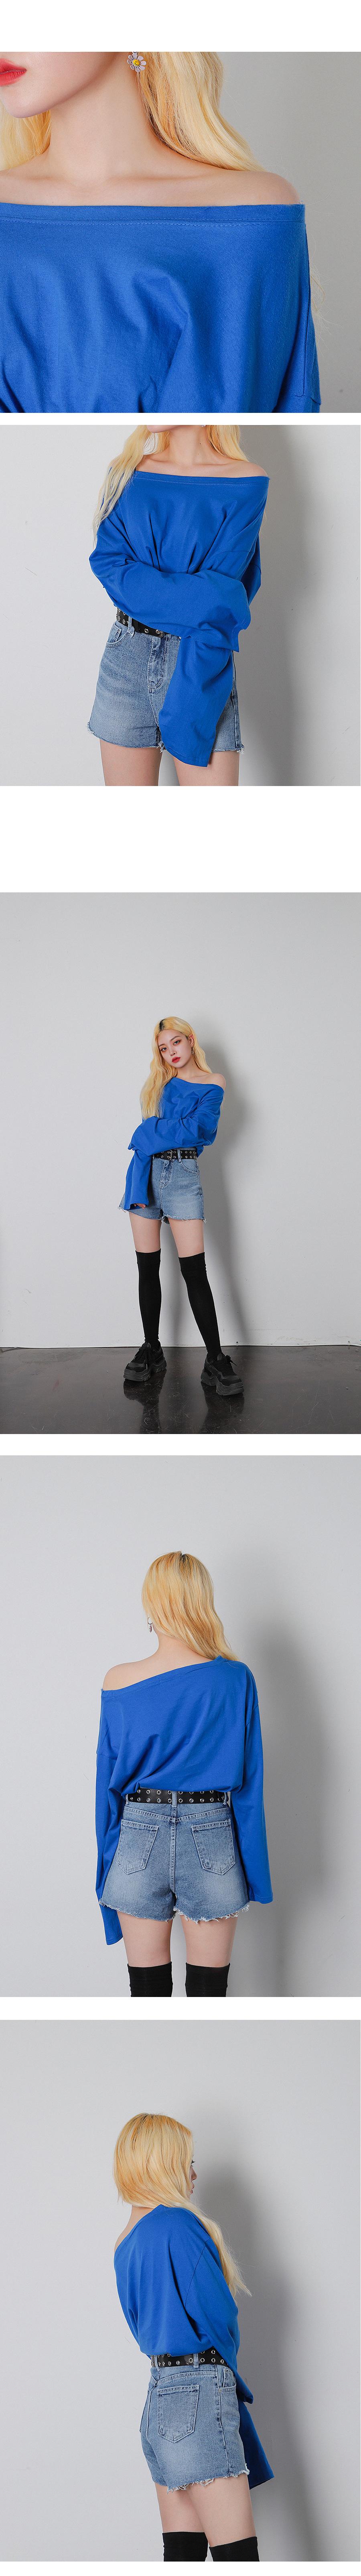 마스 오프숄더 롱 슬리브 티셔츠 (4color) - 써리미, 8,000원, 상의, 긴팔티셔츠